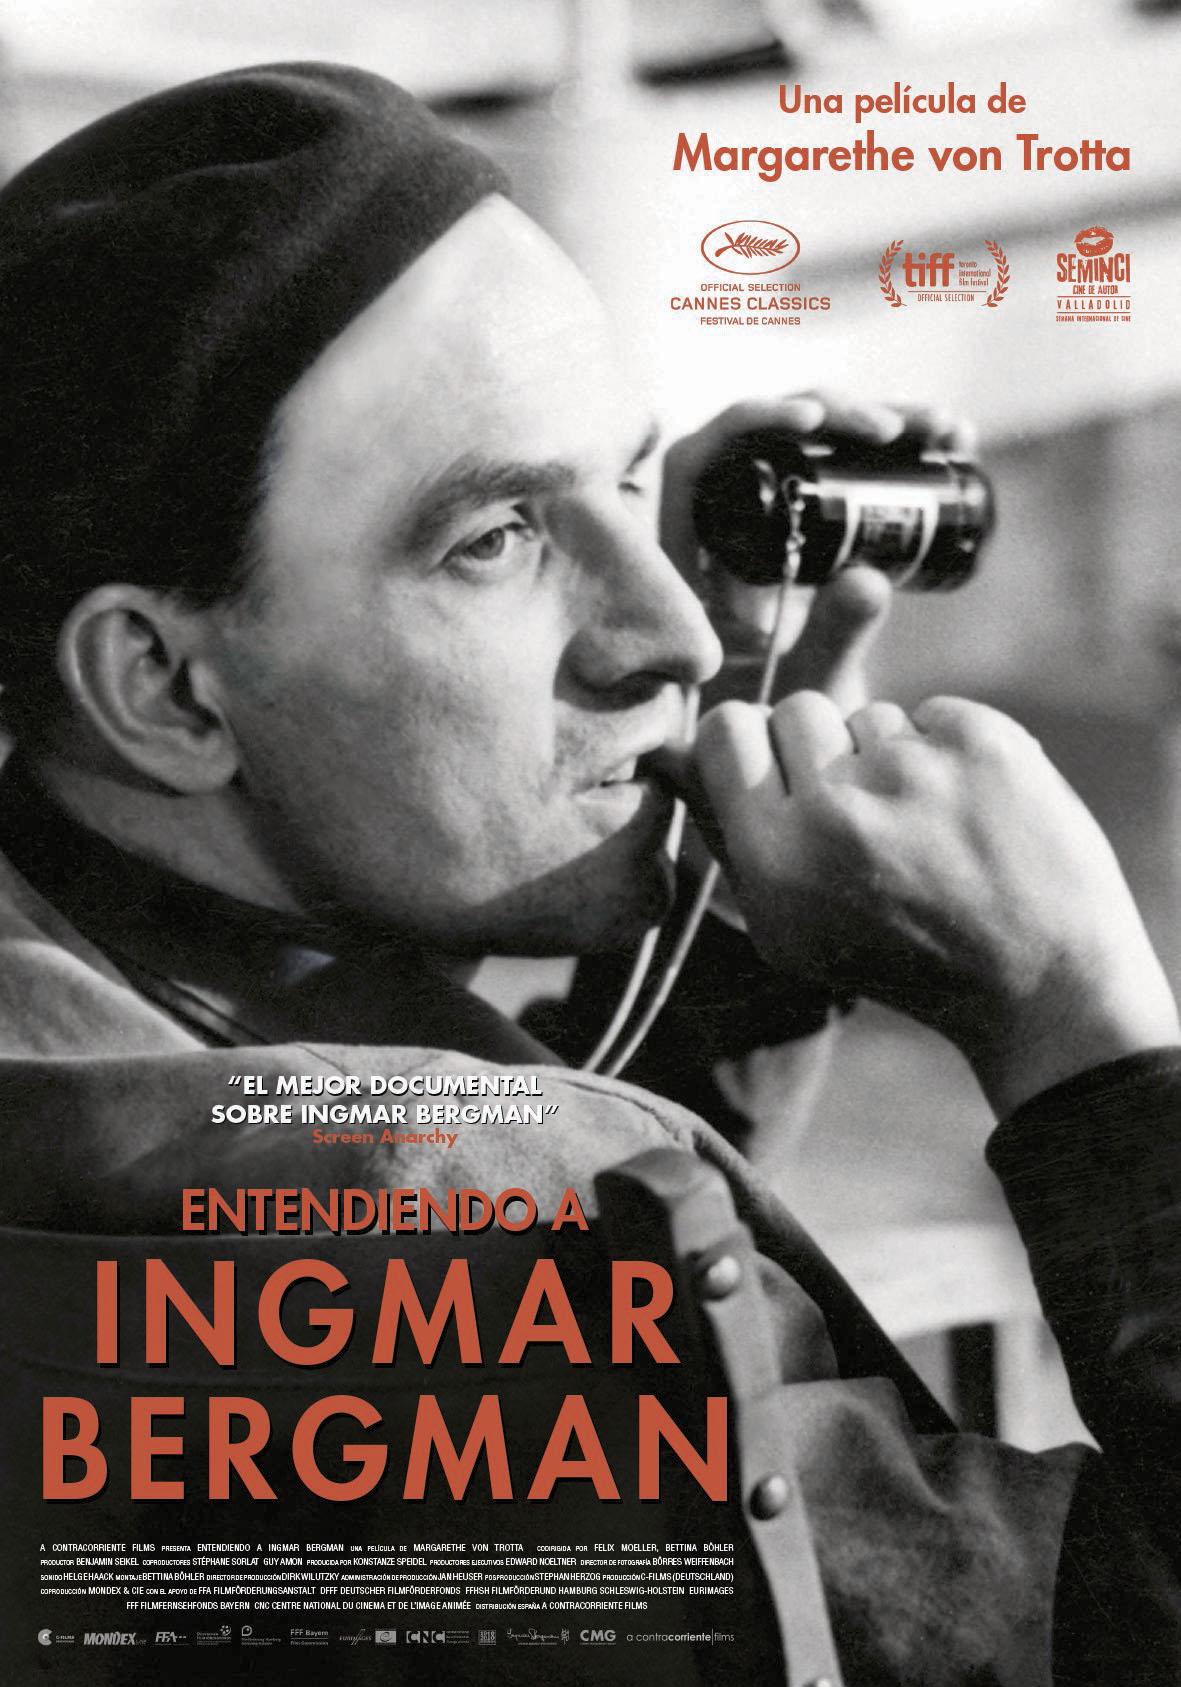 Hasil gambar untuk Entendiendo a Ingmar Bergman